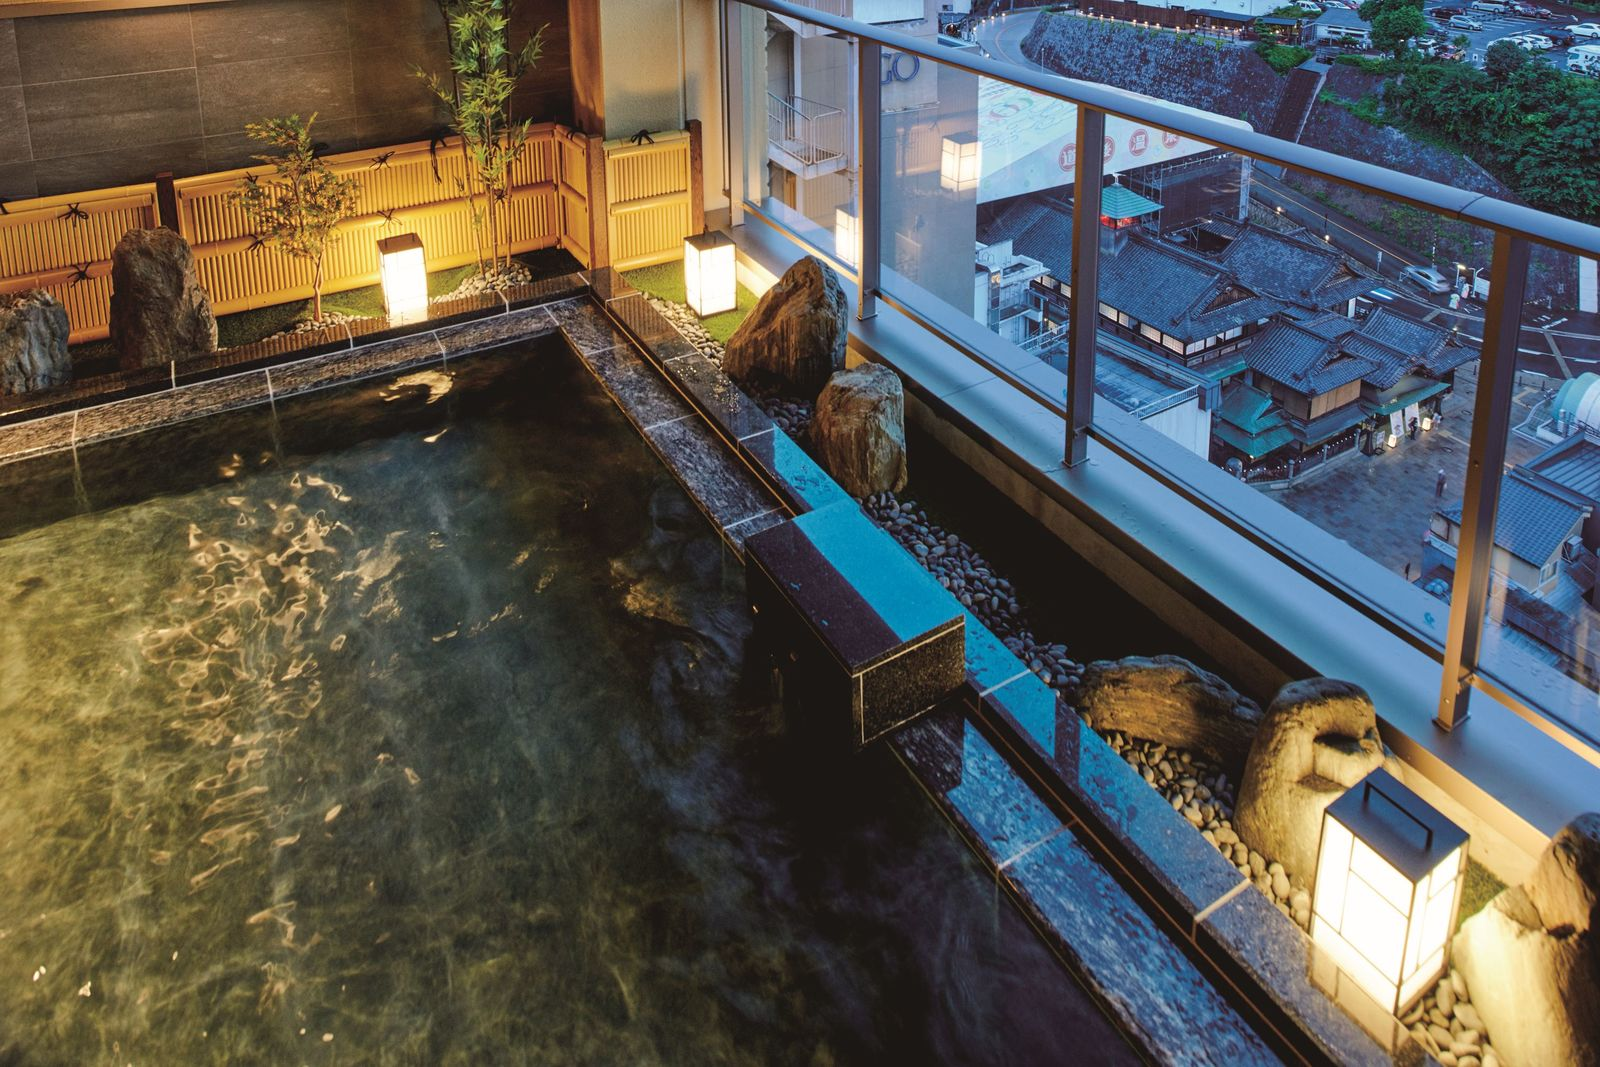 ホテル古湧園 遥 朝ごはんも瀬戸内食材を楽しみたい!人気のプレミアムモーニングで1日元気に♪【朝食のみ】